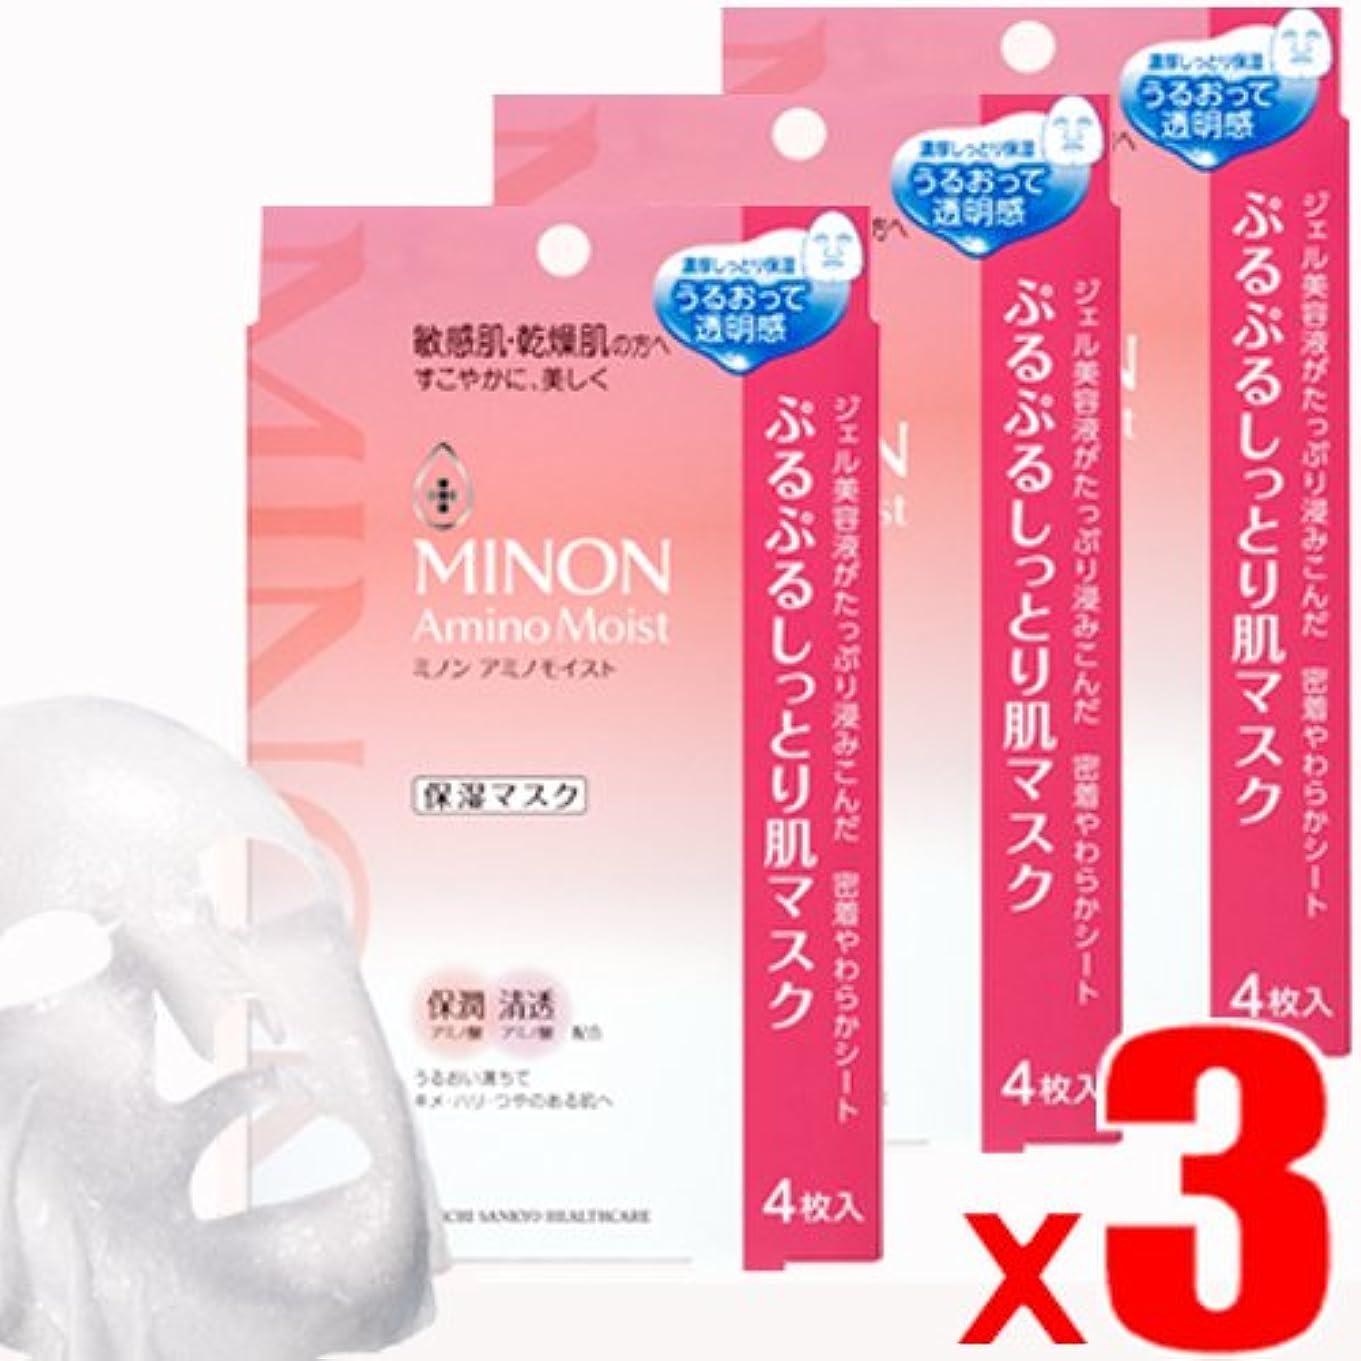 アジア人種困惑する【3箱】ミノン アミノモイスト ぷるぷるしっとり肌マスク 22mL×4枚入x3箱 (4987107616647-3)